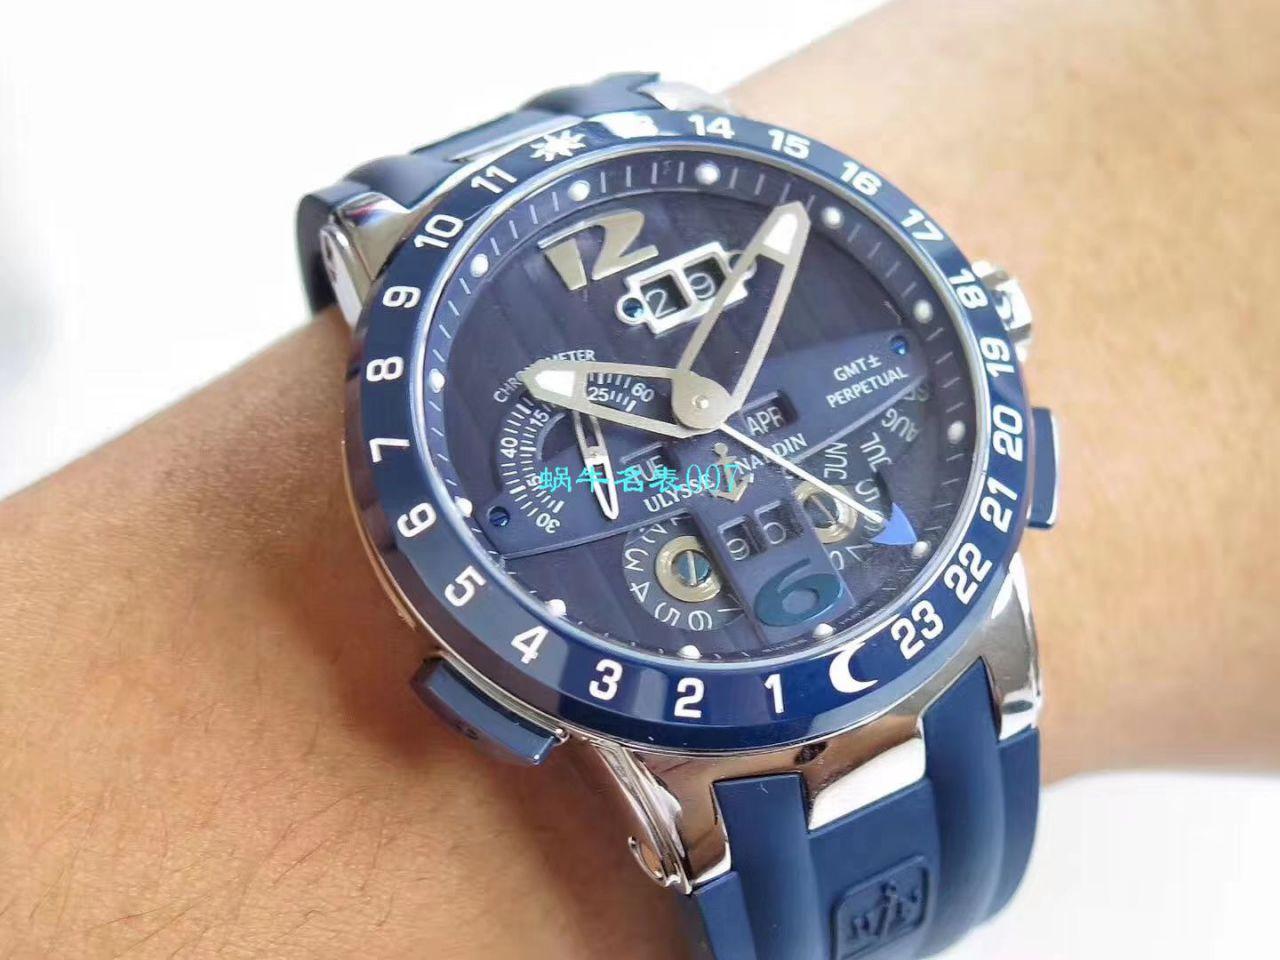 【视频评测TWA厂Ulysse Nardin复刻手表】雅典表复杂功能万年历腕表系列 329-00-3腕表